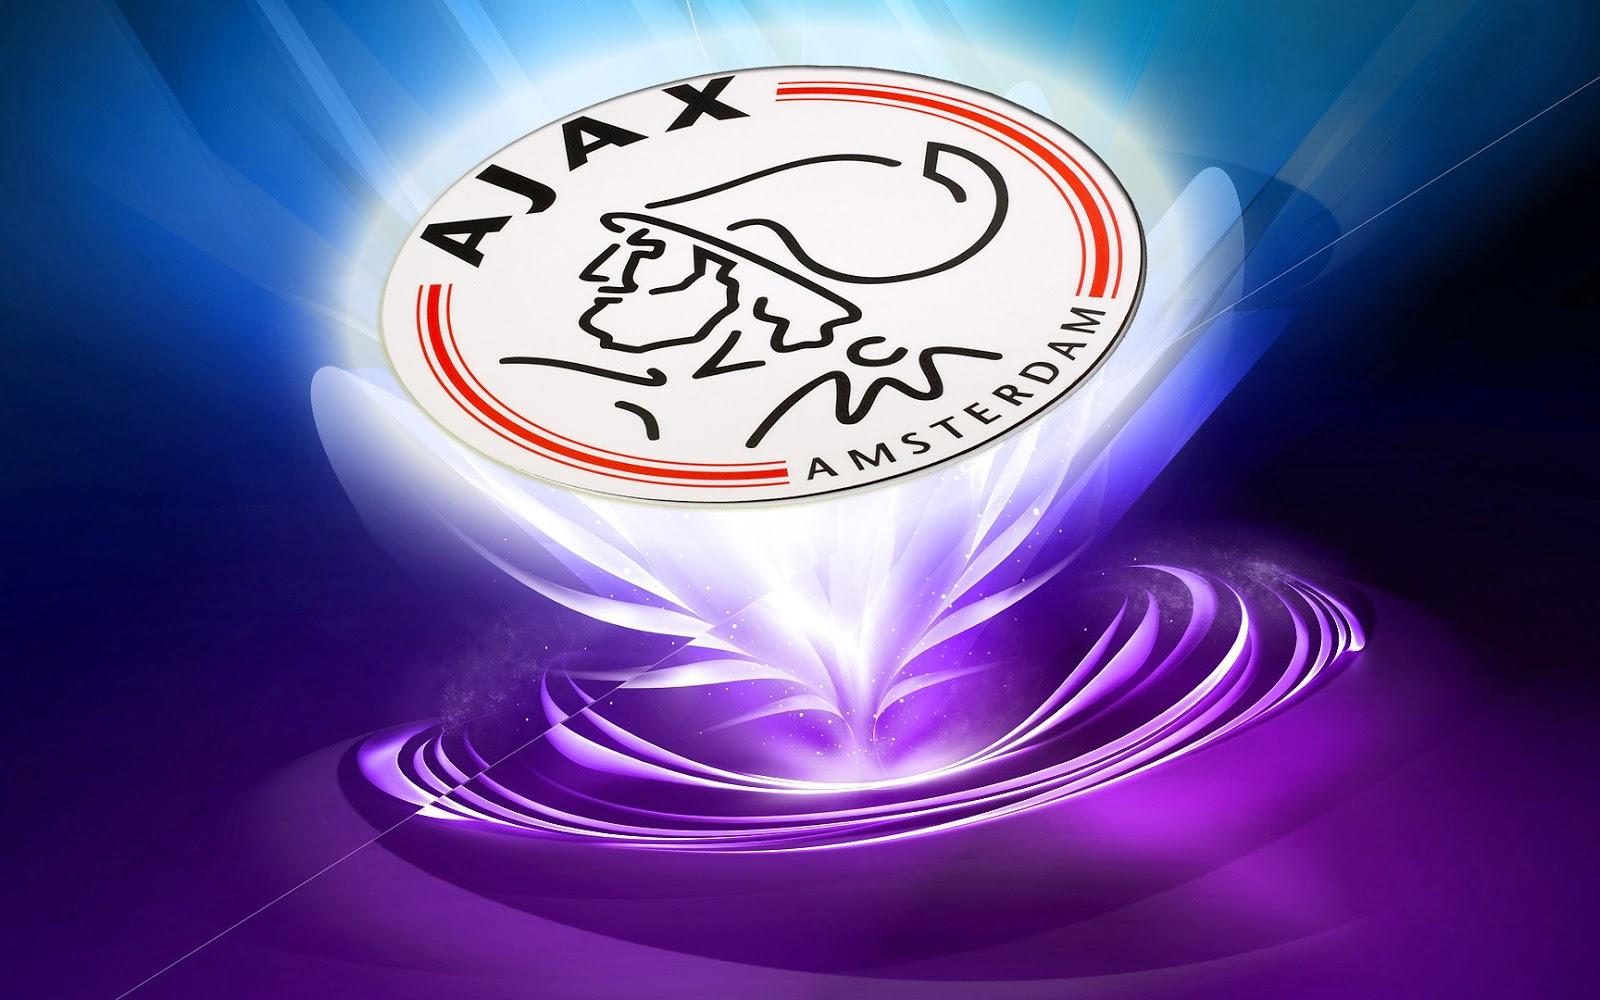 Mooie abstracte Ajax achtergrond